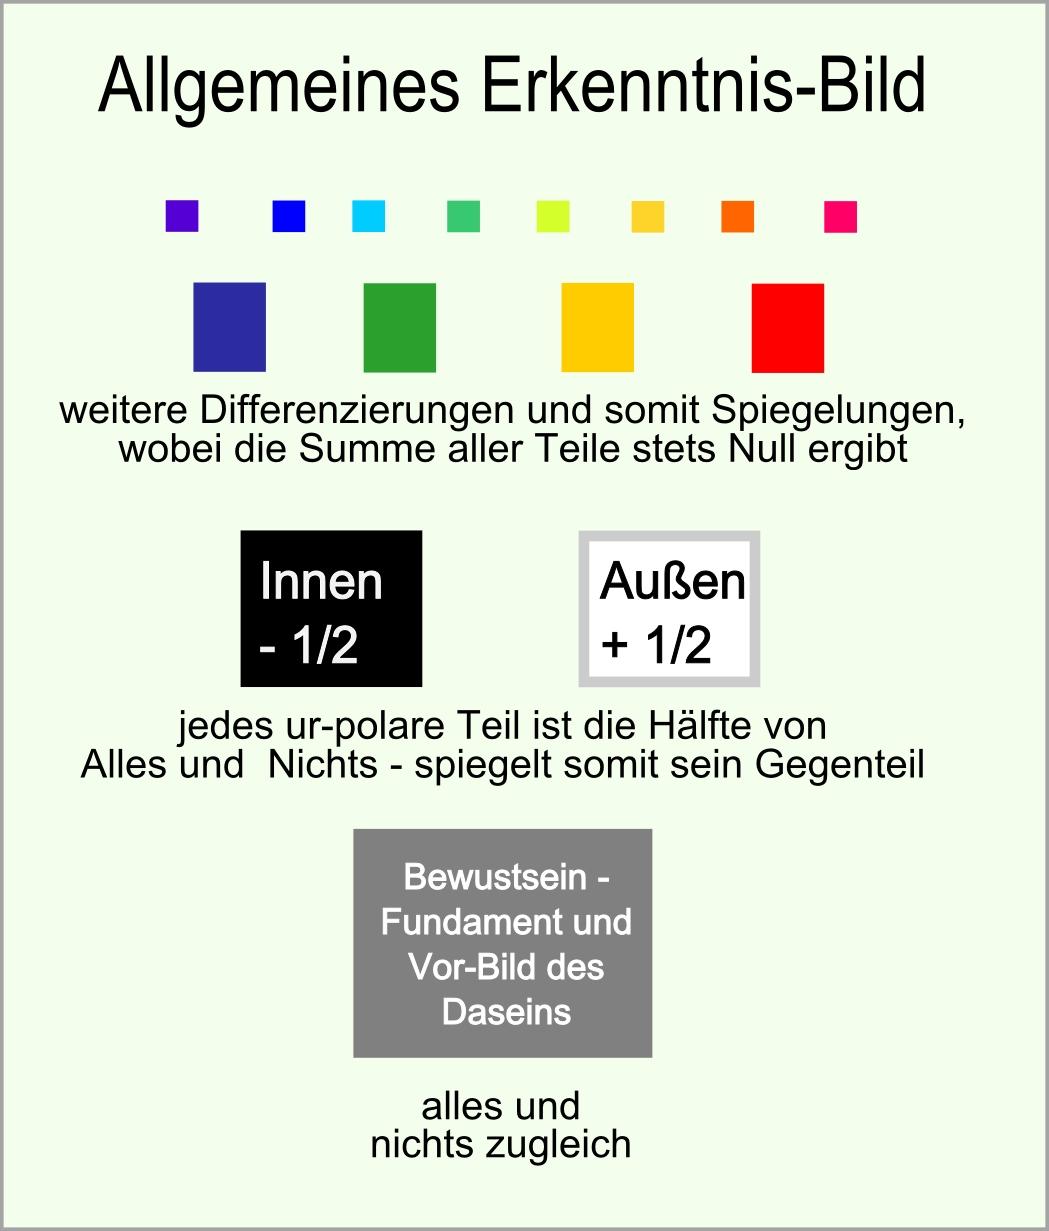 allgemeines Erkenntnisbild abb08